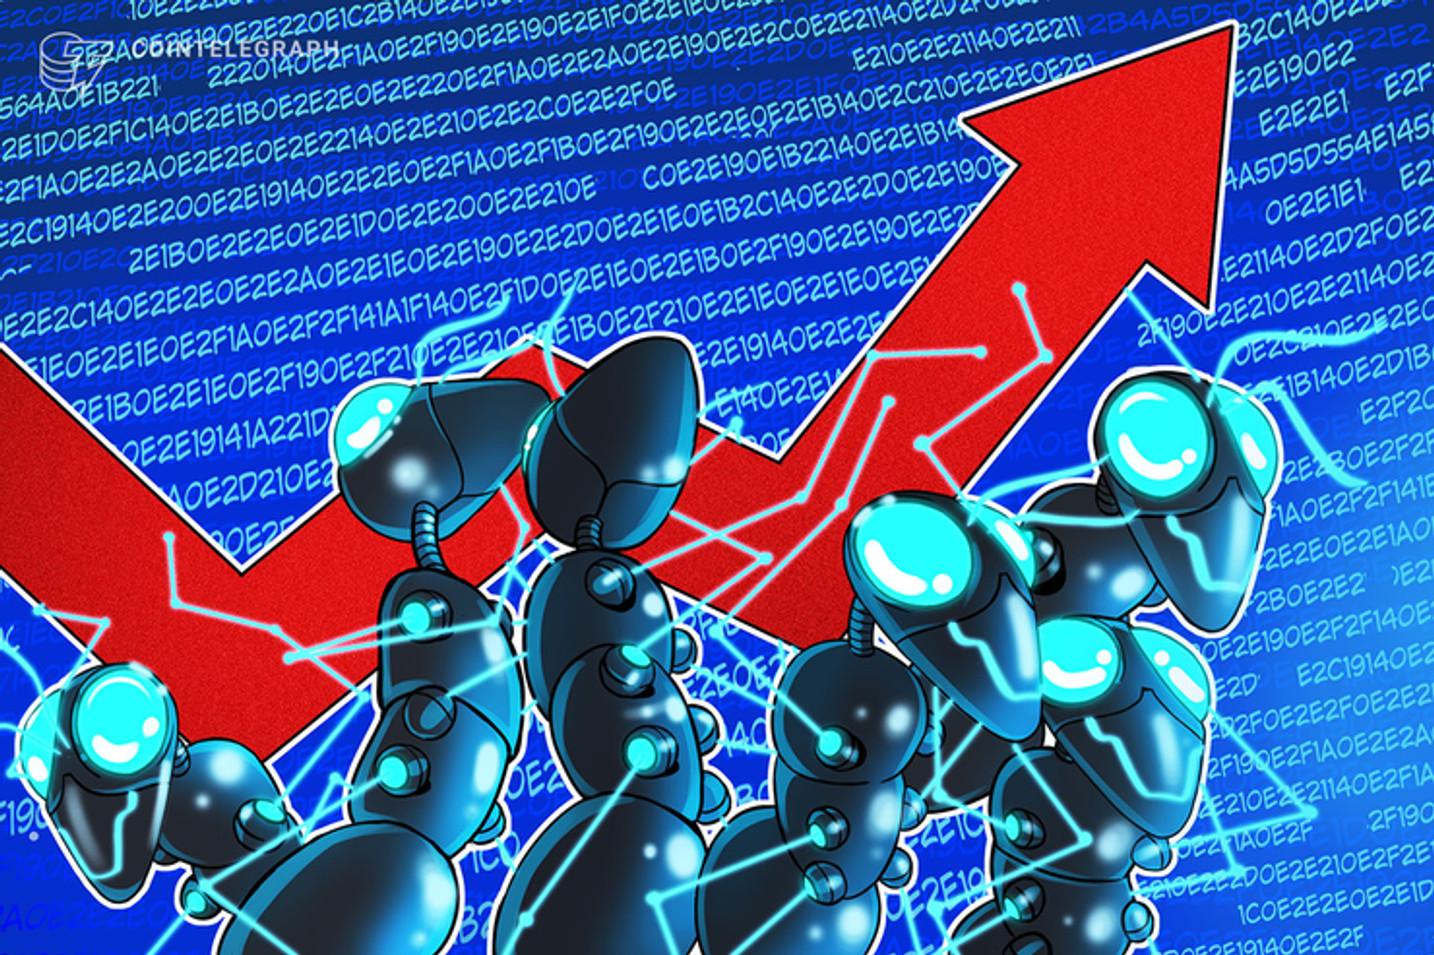 ¿Podría la tecnología Blockchain prevenir la próxima crisis financiera?